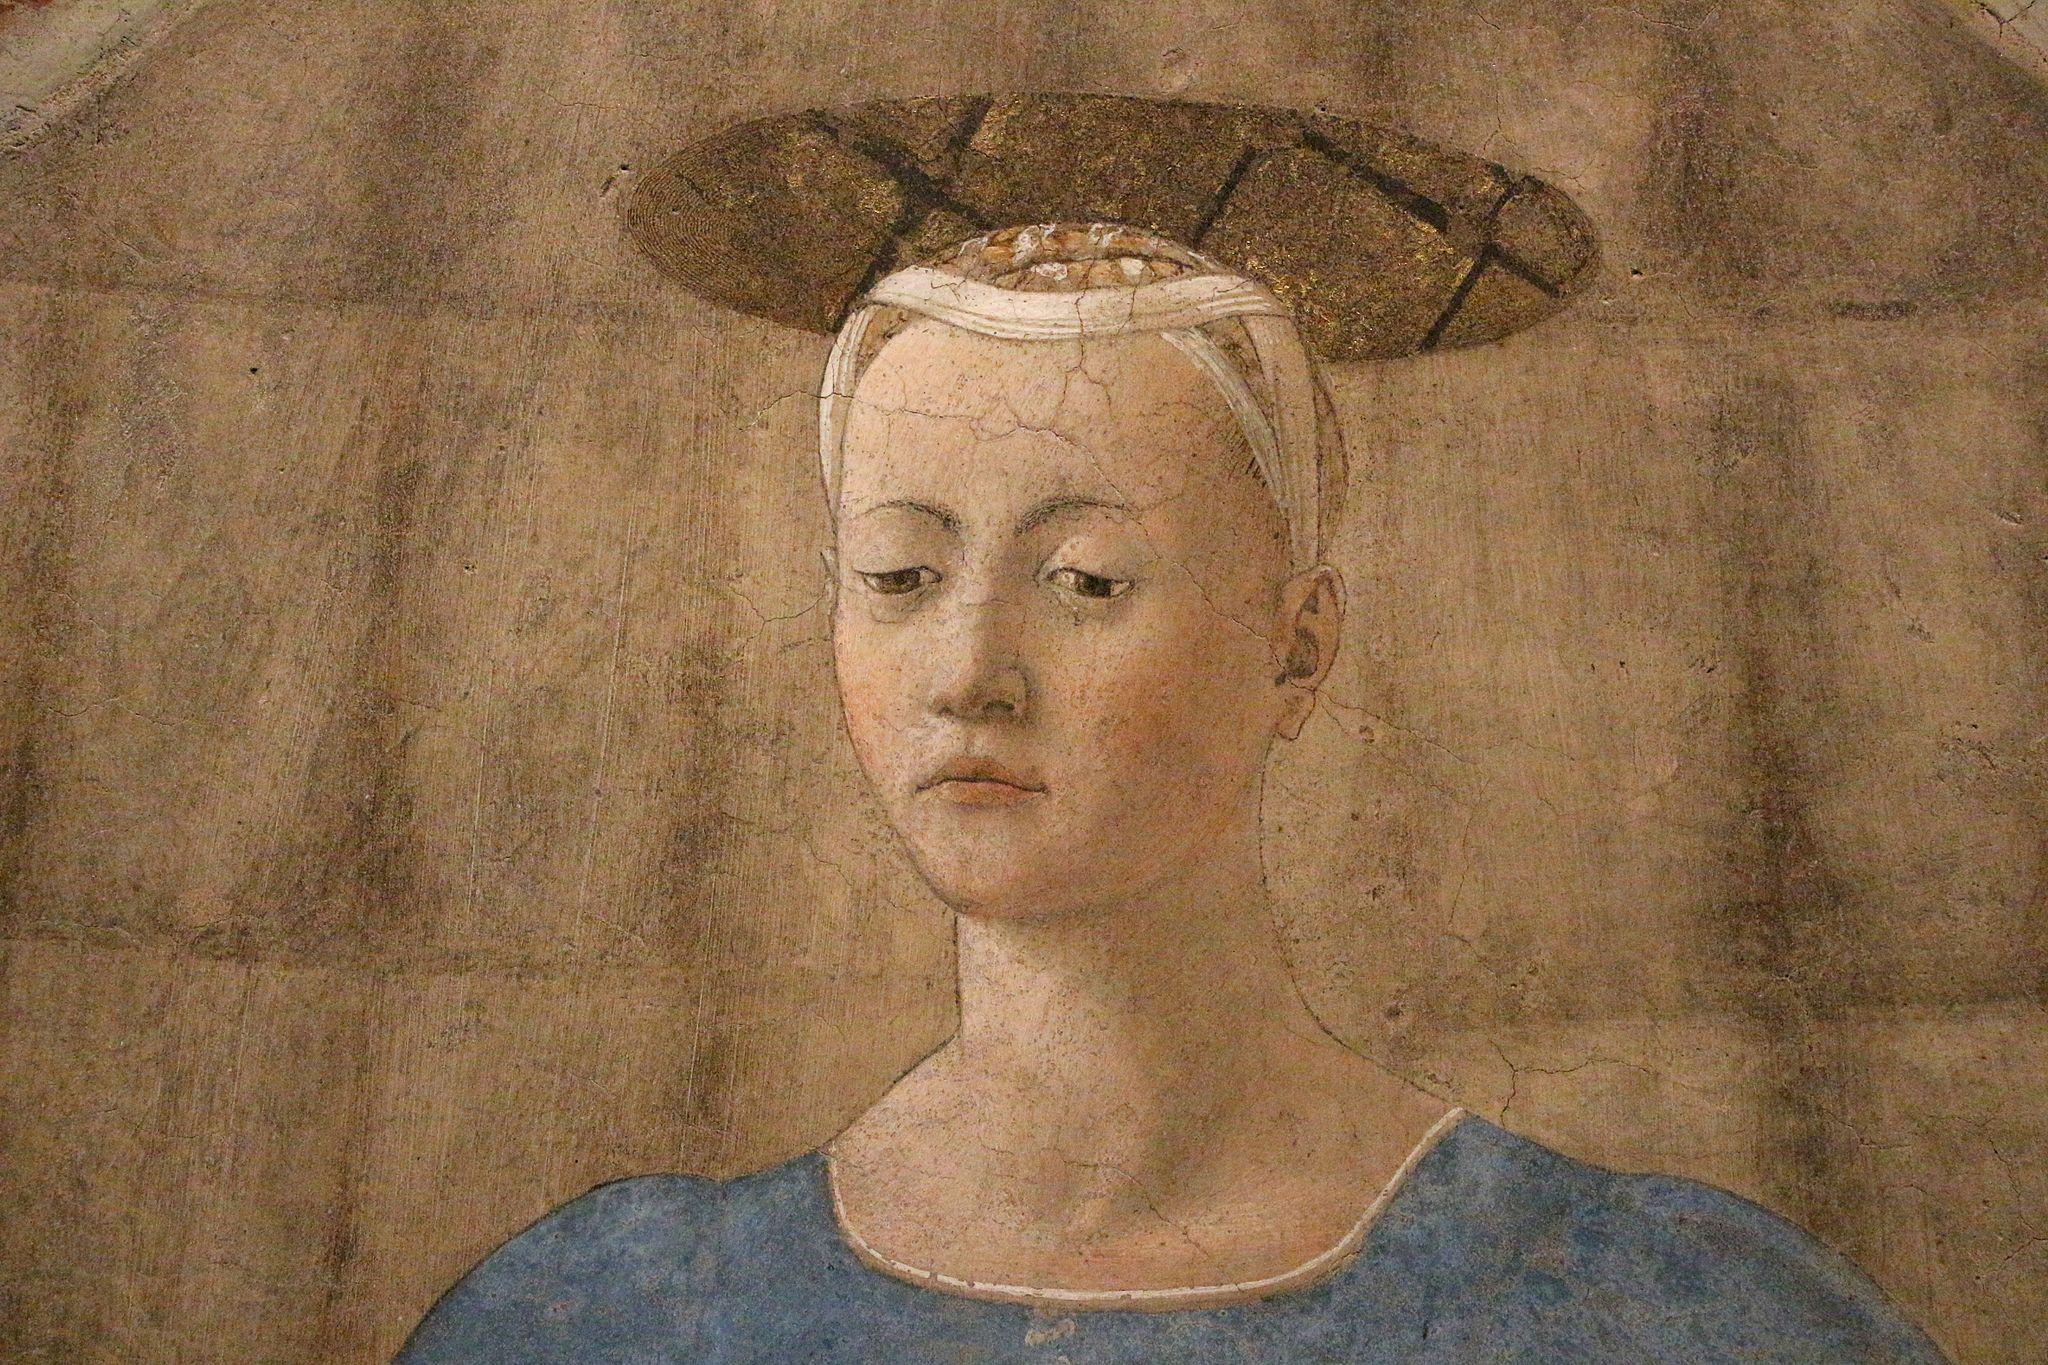 Piero della francesca, Madonna del Parto, 1455 ca. 11